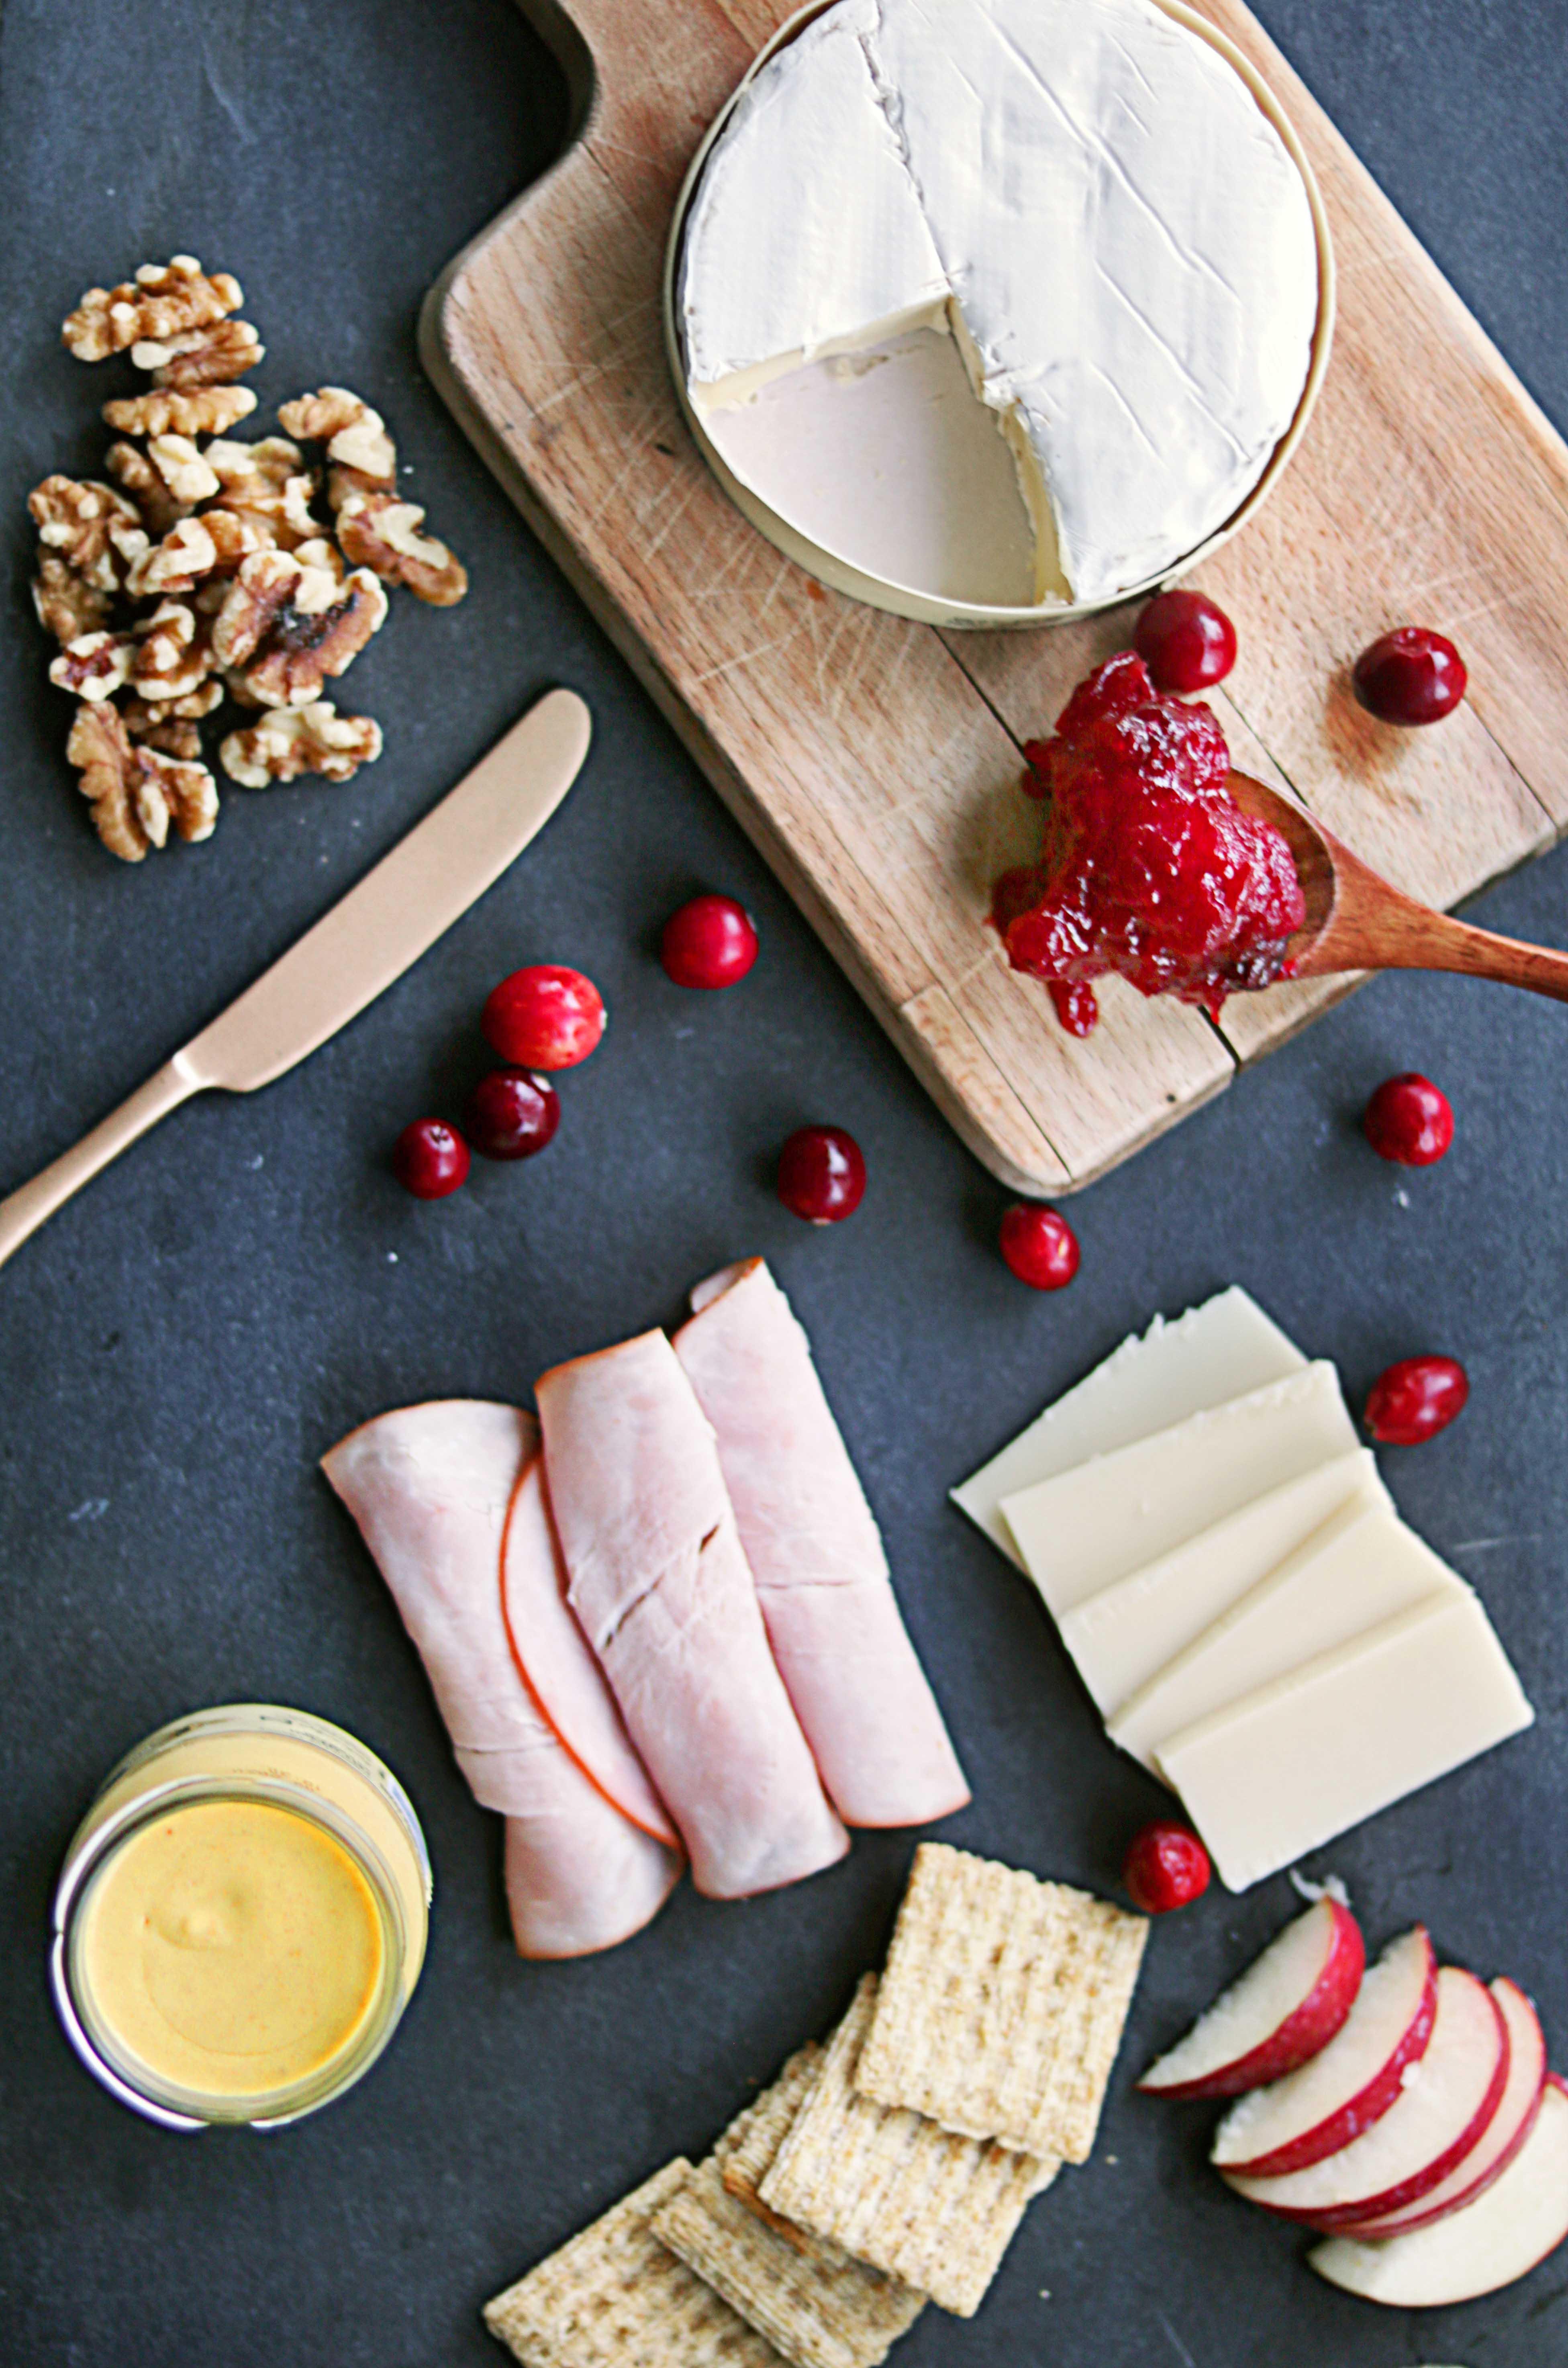 Kitchen Witch Thanksgiving: Autumn Abundance Boards